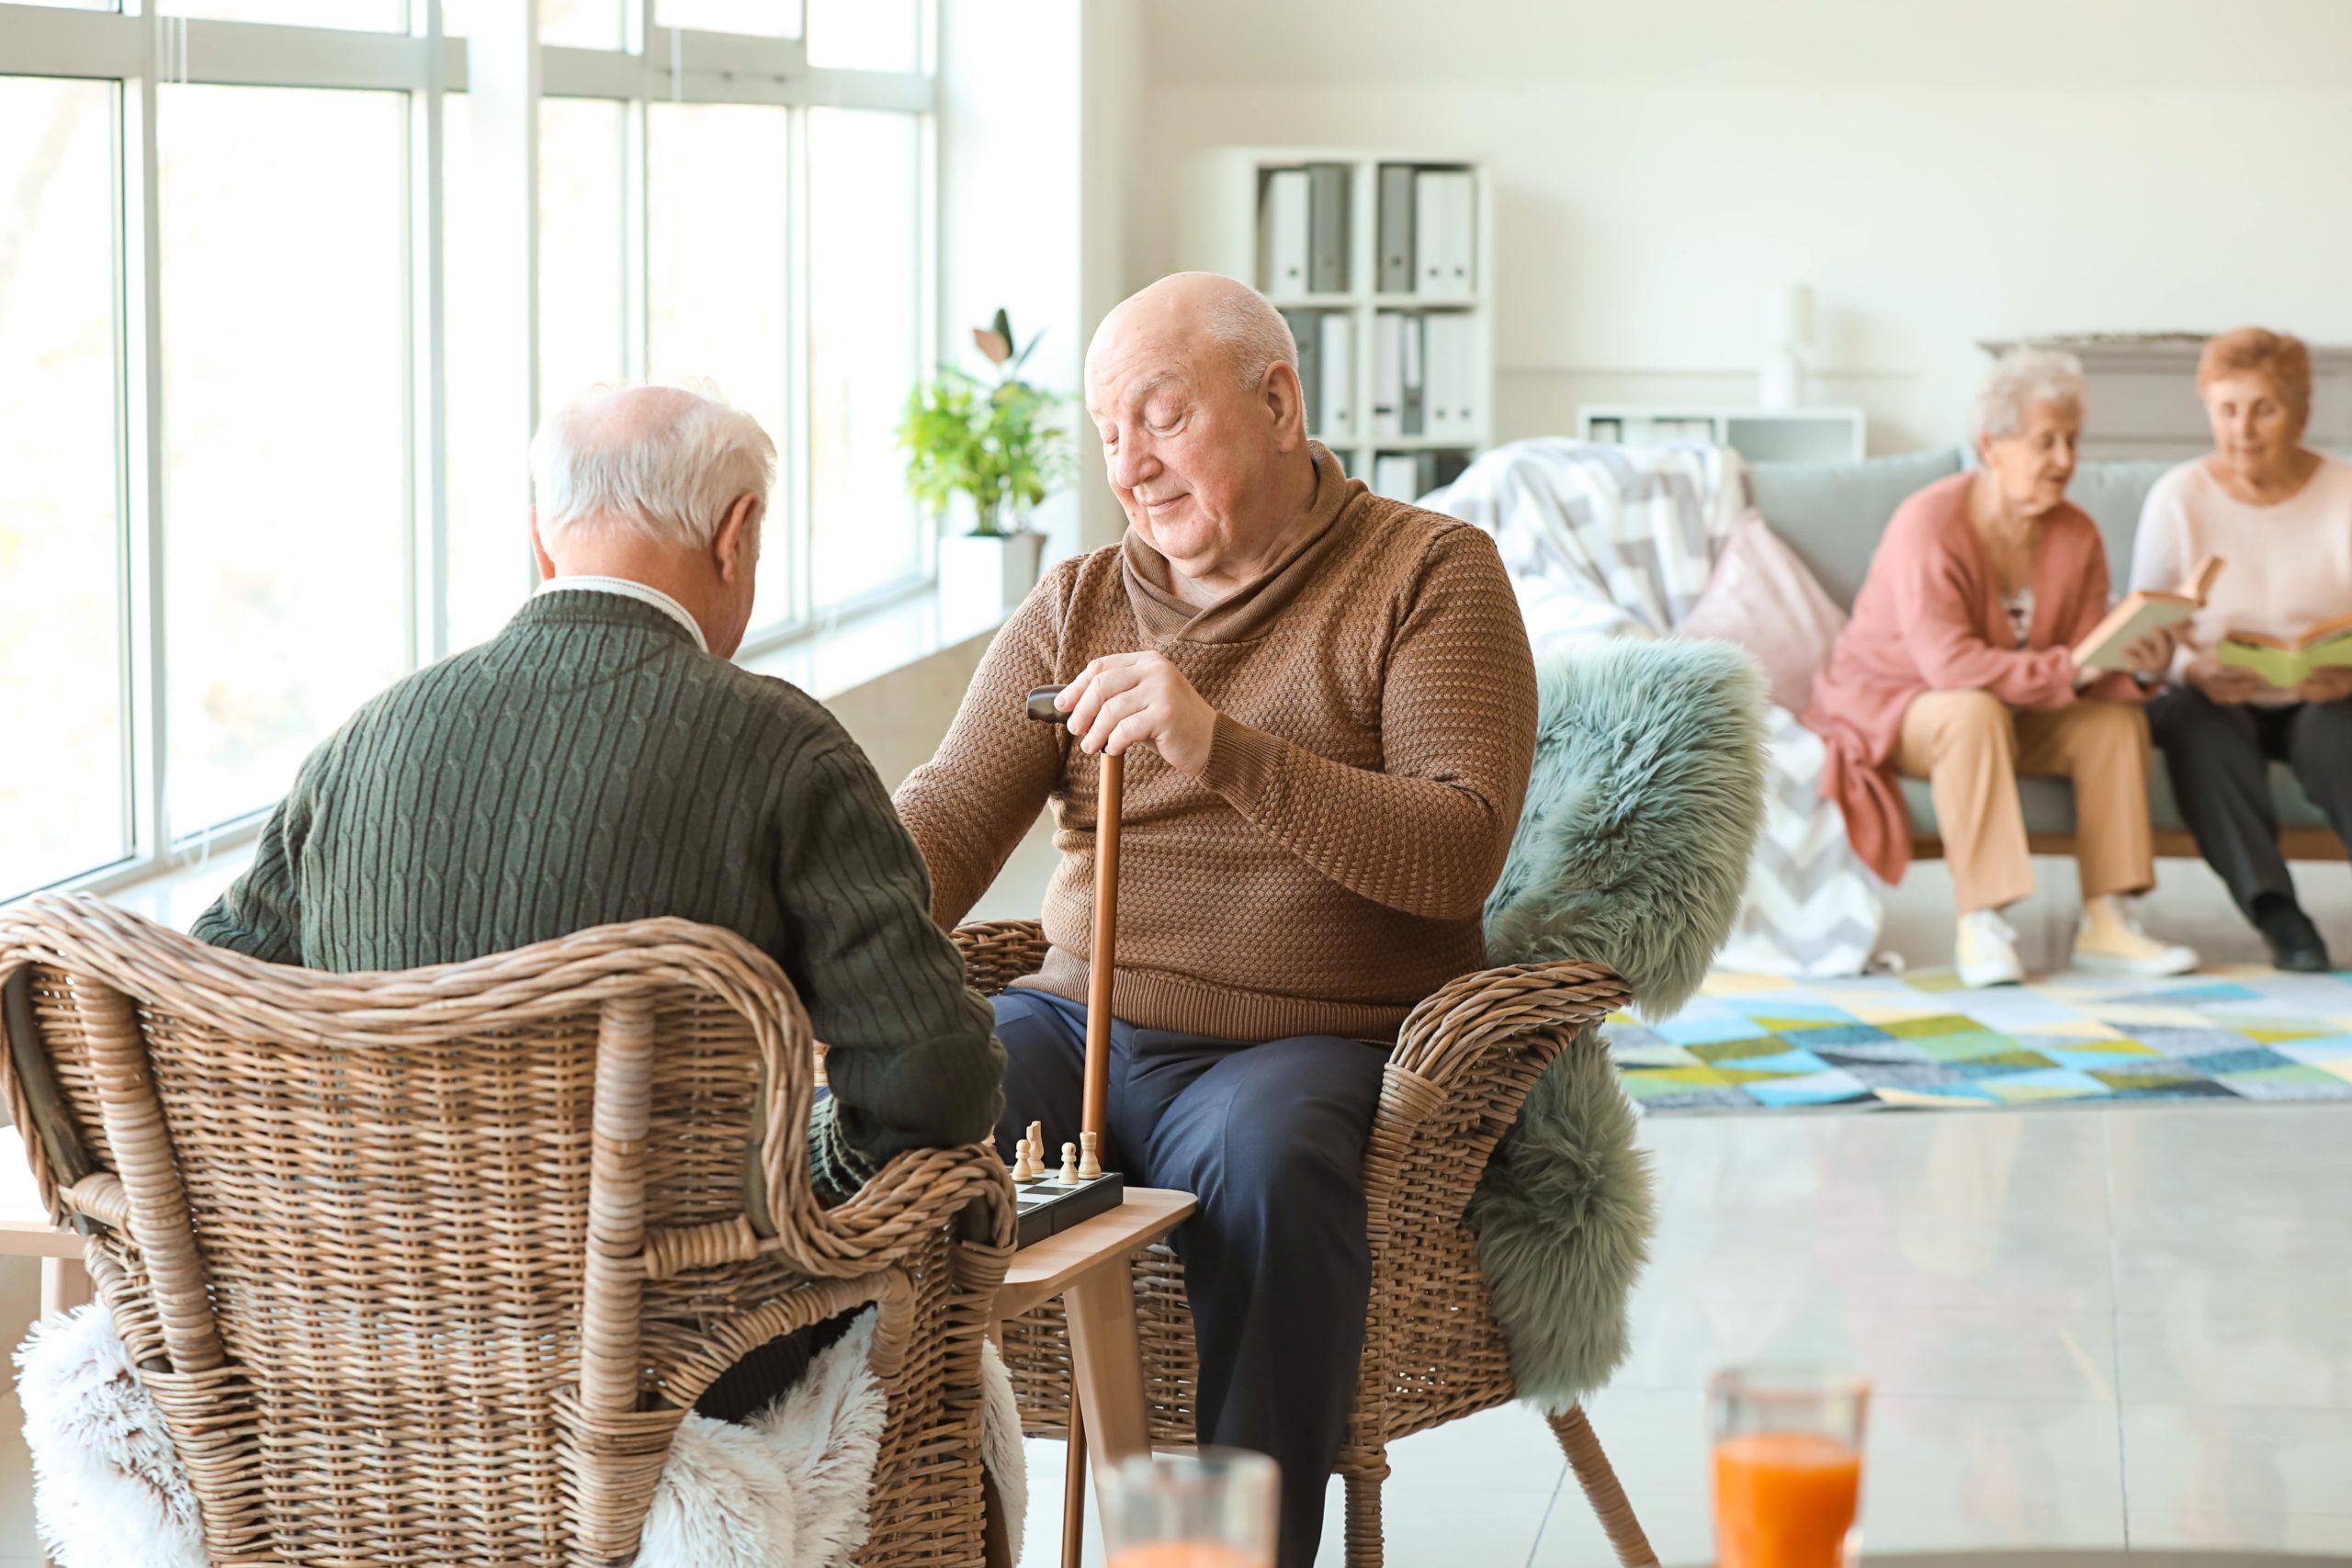 Protocolo-de-limpieza-en-residencias-de-ancianos